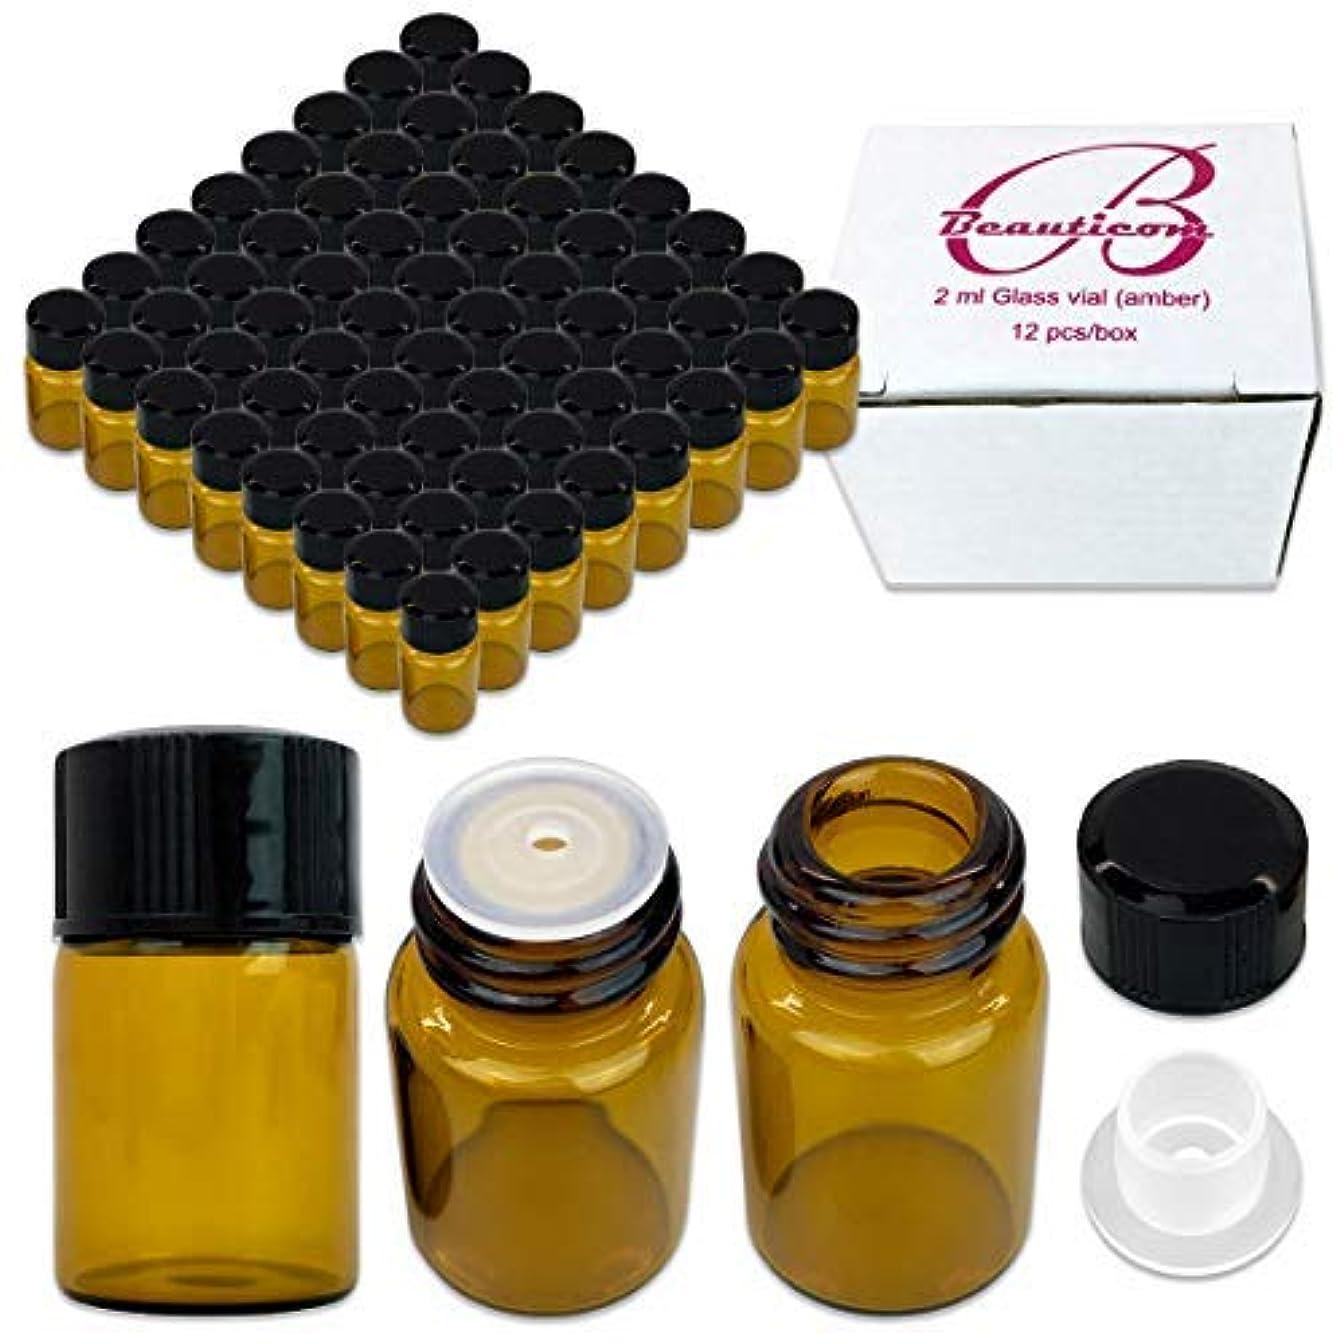 展示会するだろう不承認84 Packs Beauticom 2ML Amber Glass Vial for Essential Oils, Aromatherapy, Fragrance, Serums, Spritzes, with Orifice...